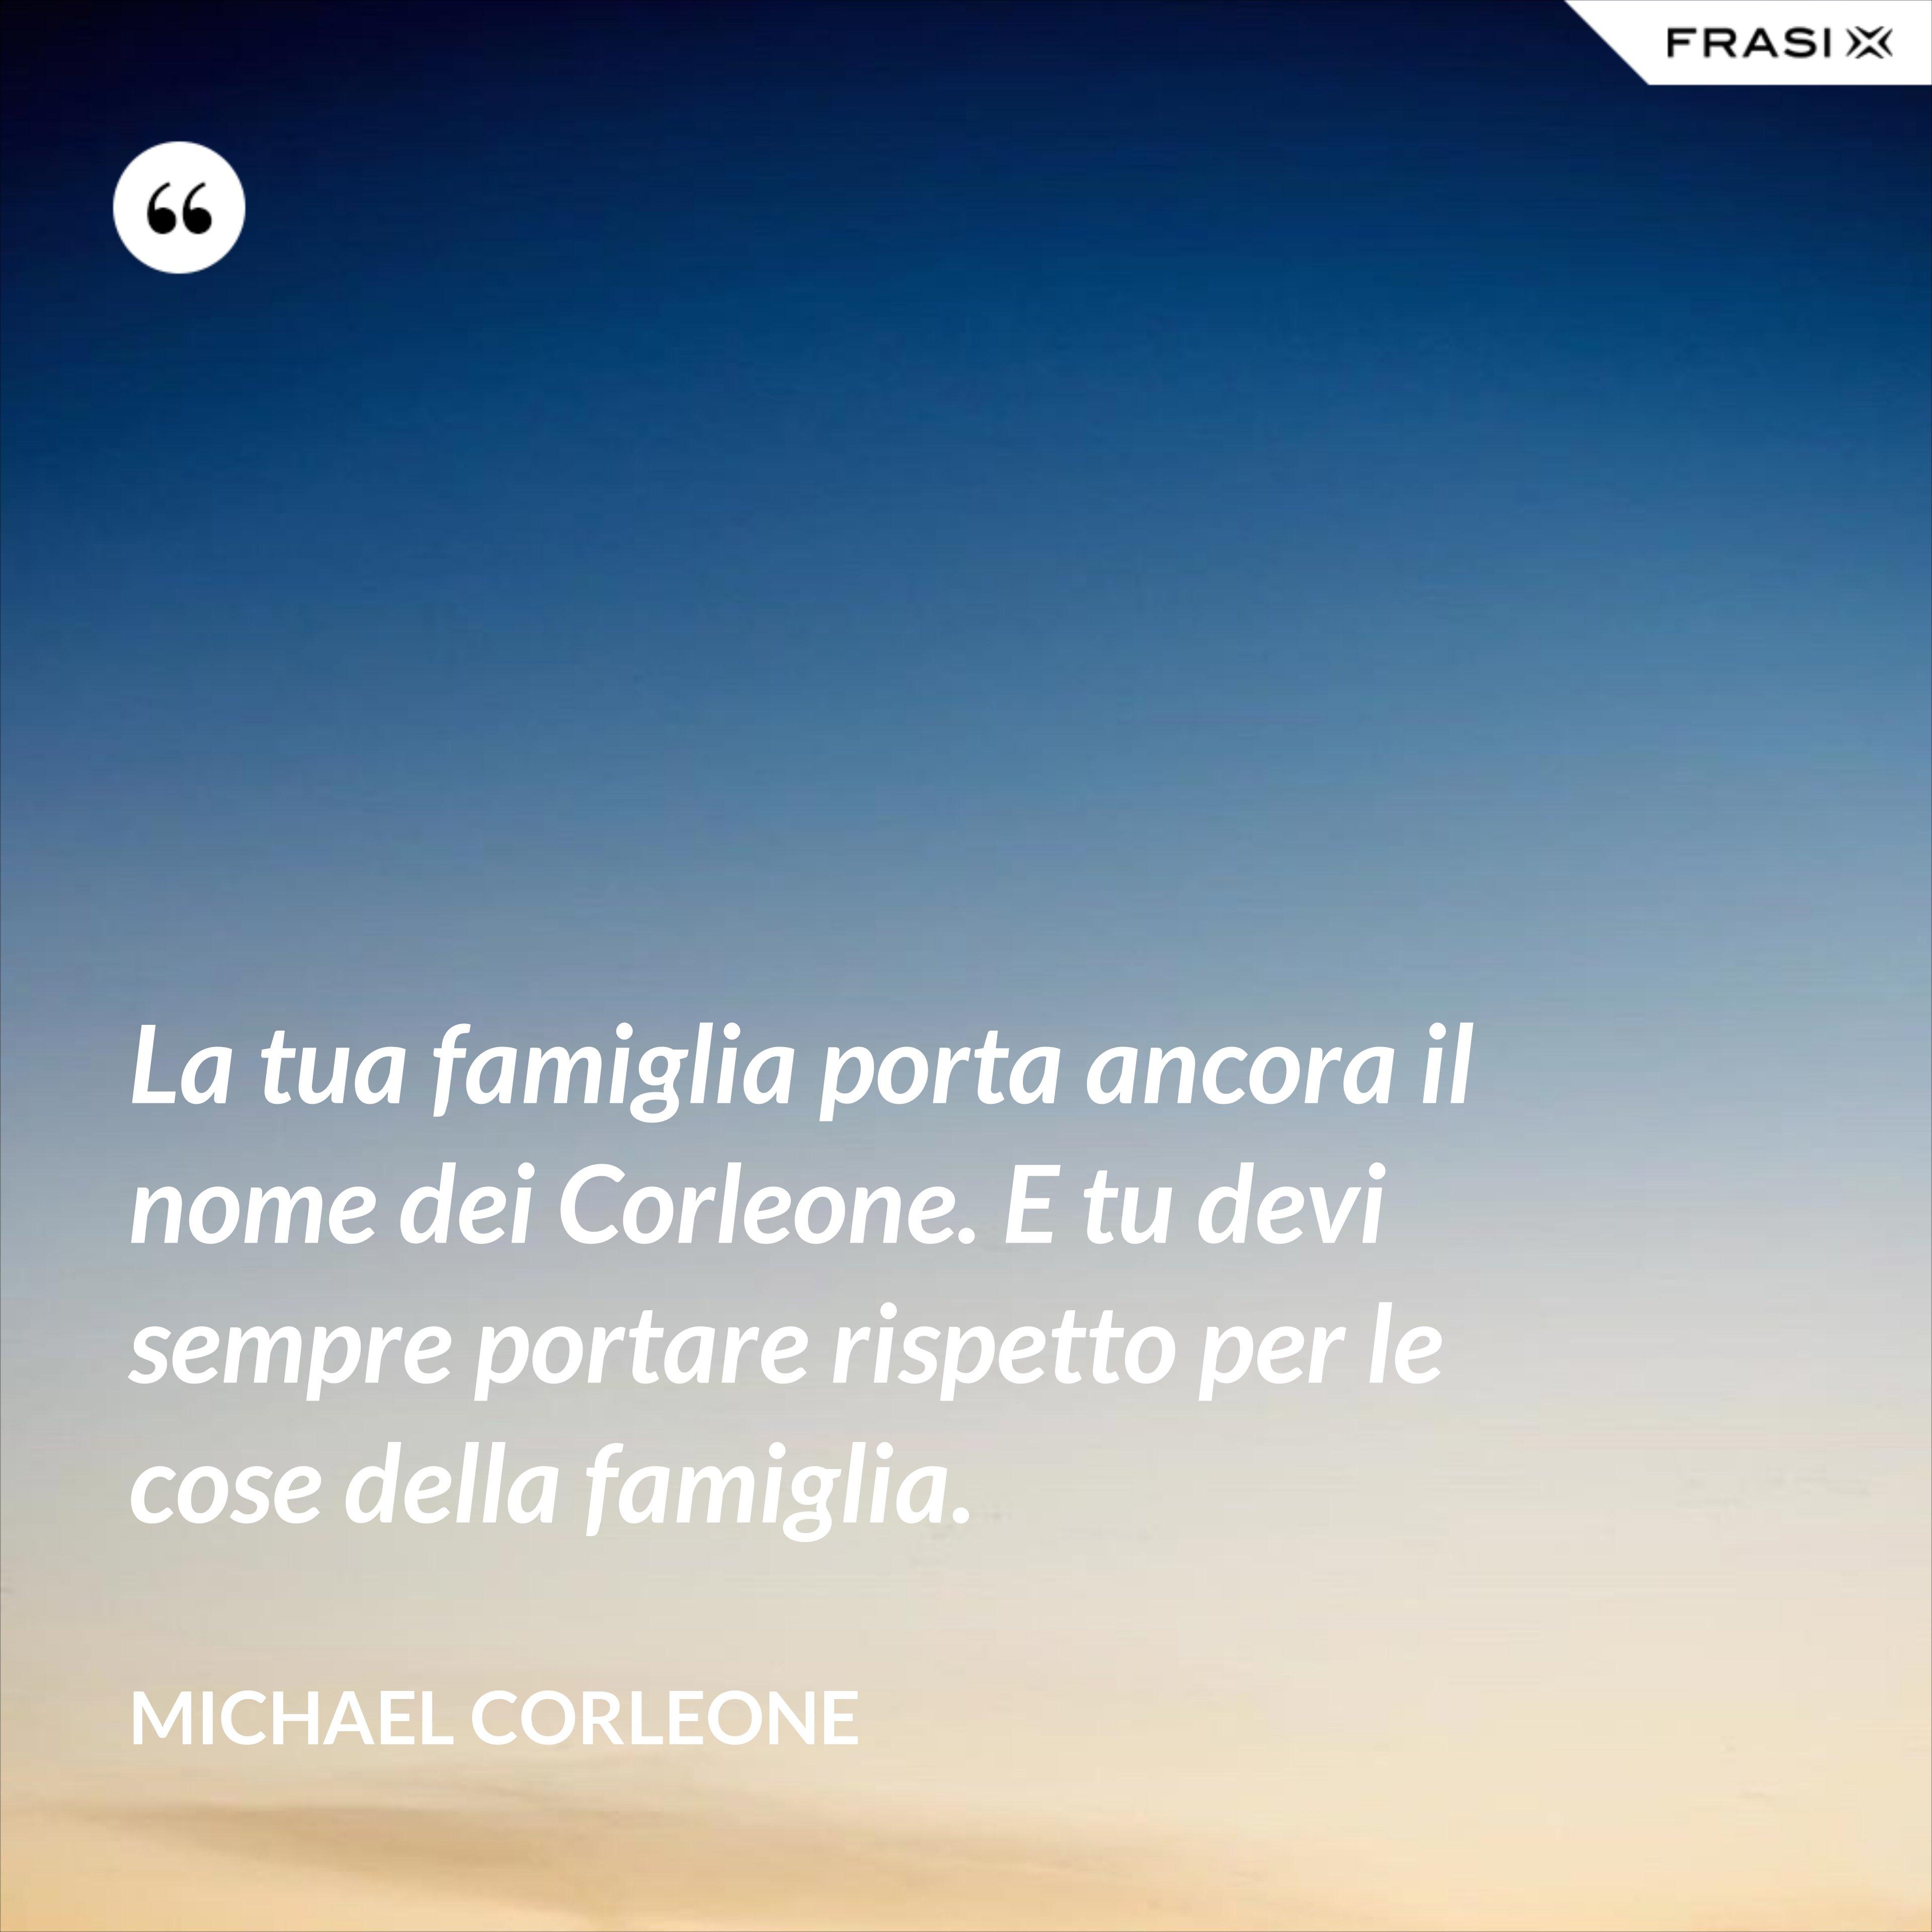 La tua famiglia porta ancora il nome dei Corleone. E tu devi sempre portare rispetto per le cose della famiglia. - Michael Corleone